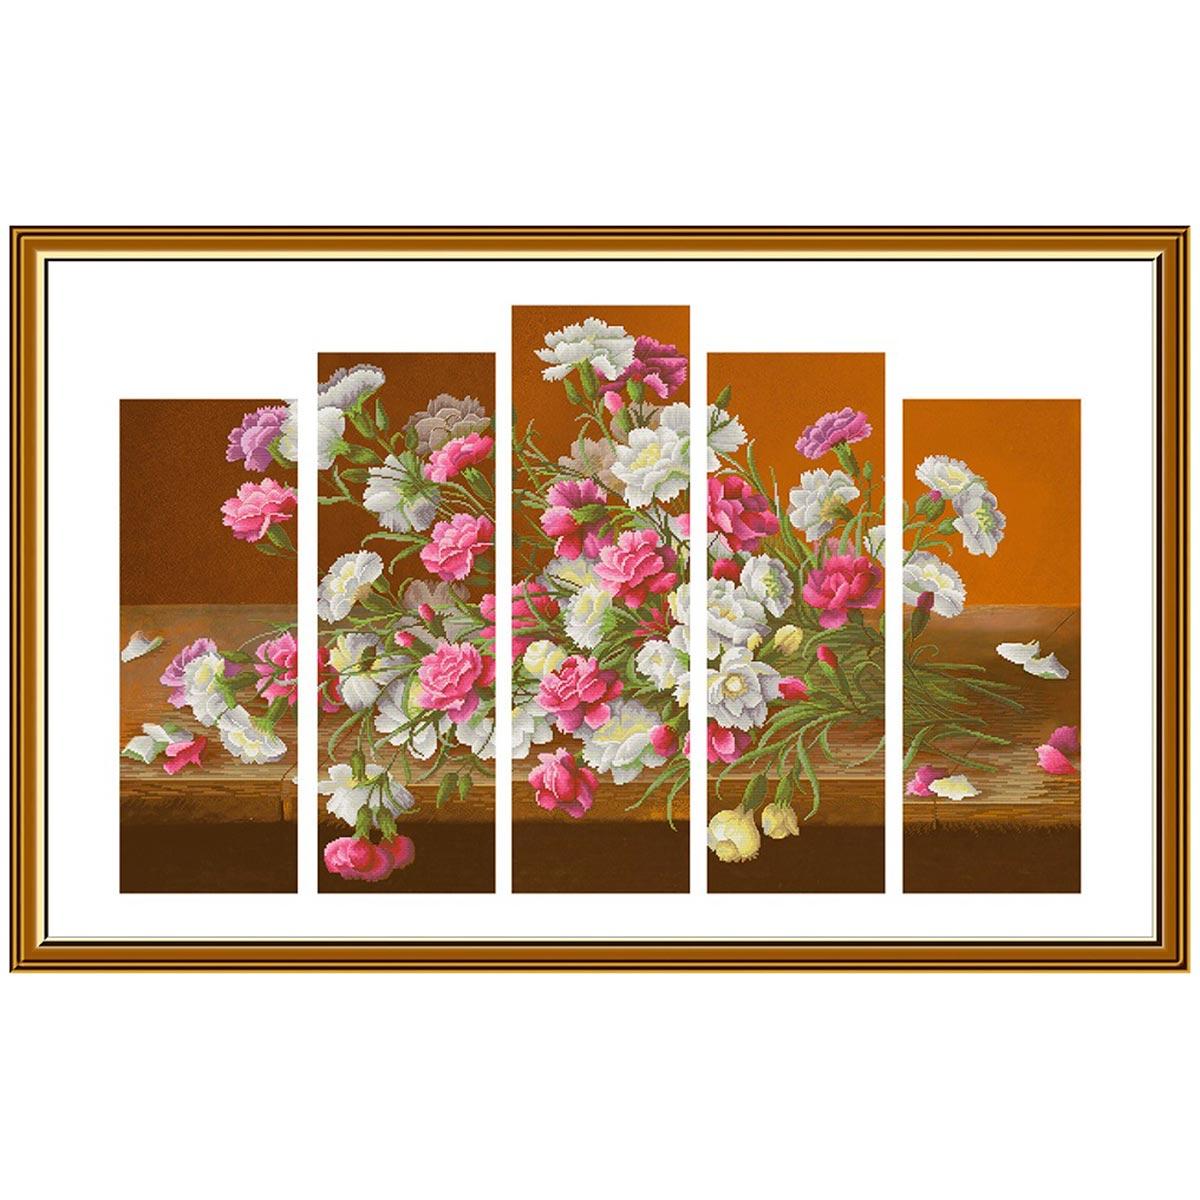 СР6241 Набор для вышивания 'Букет Шабо'75 x50 см